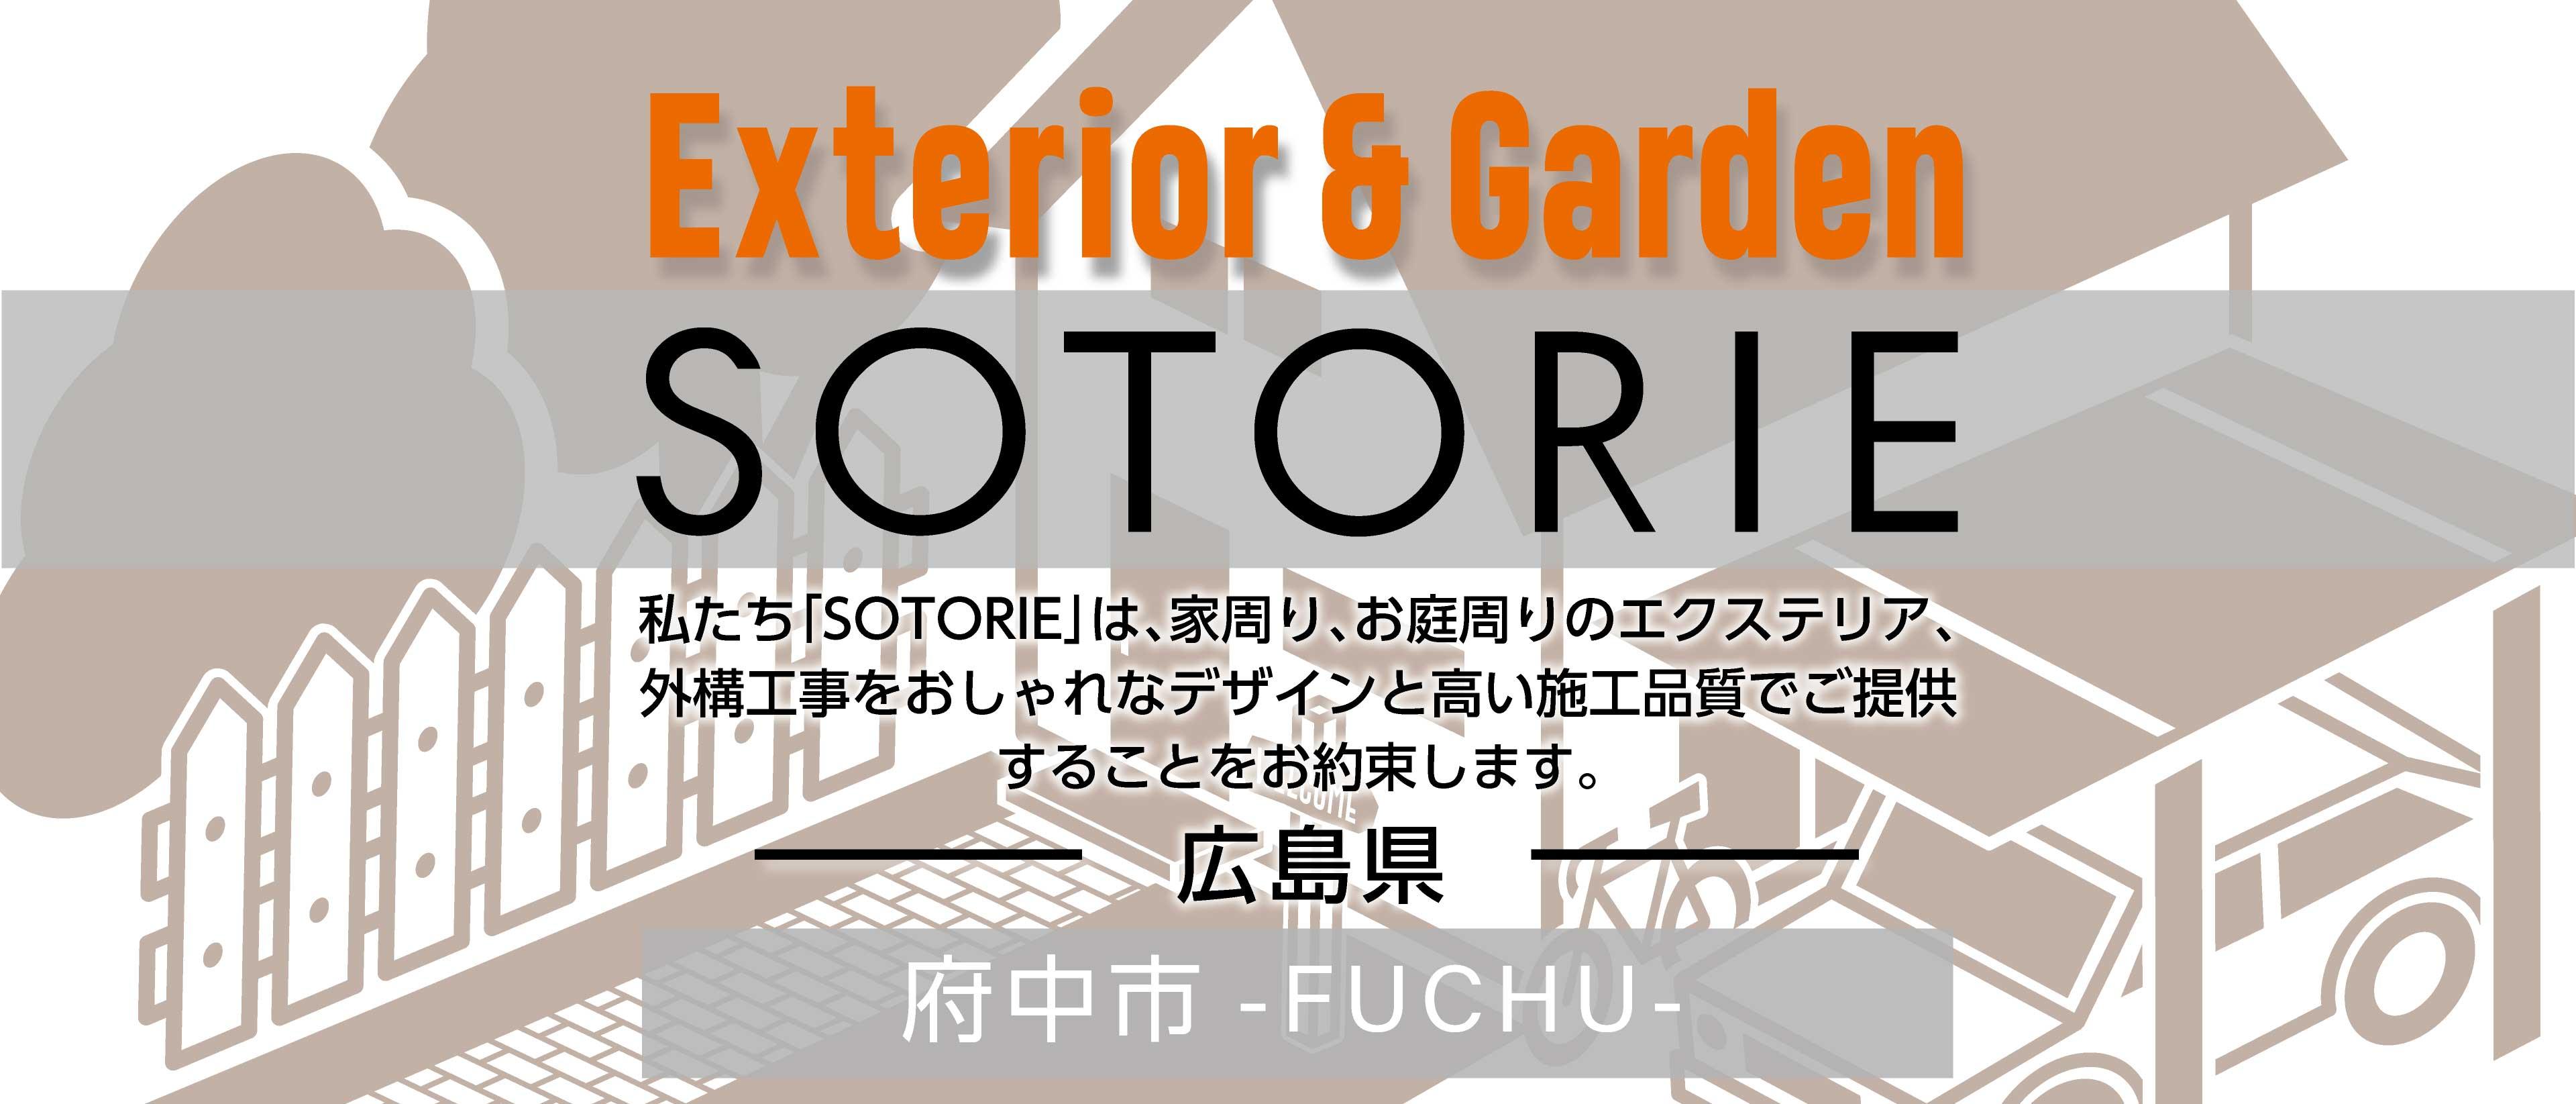 ソトリエ府中市では、家周りと庭周りの外構、エクステリア工事をおしゃれなデザインと高い施工品質でご提供することをお約束します。